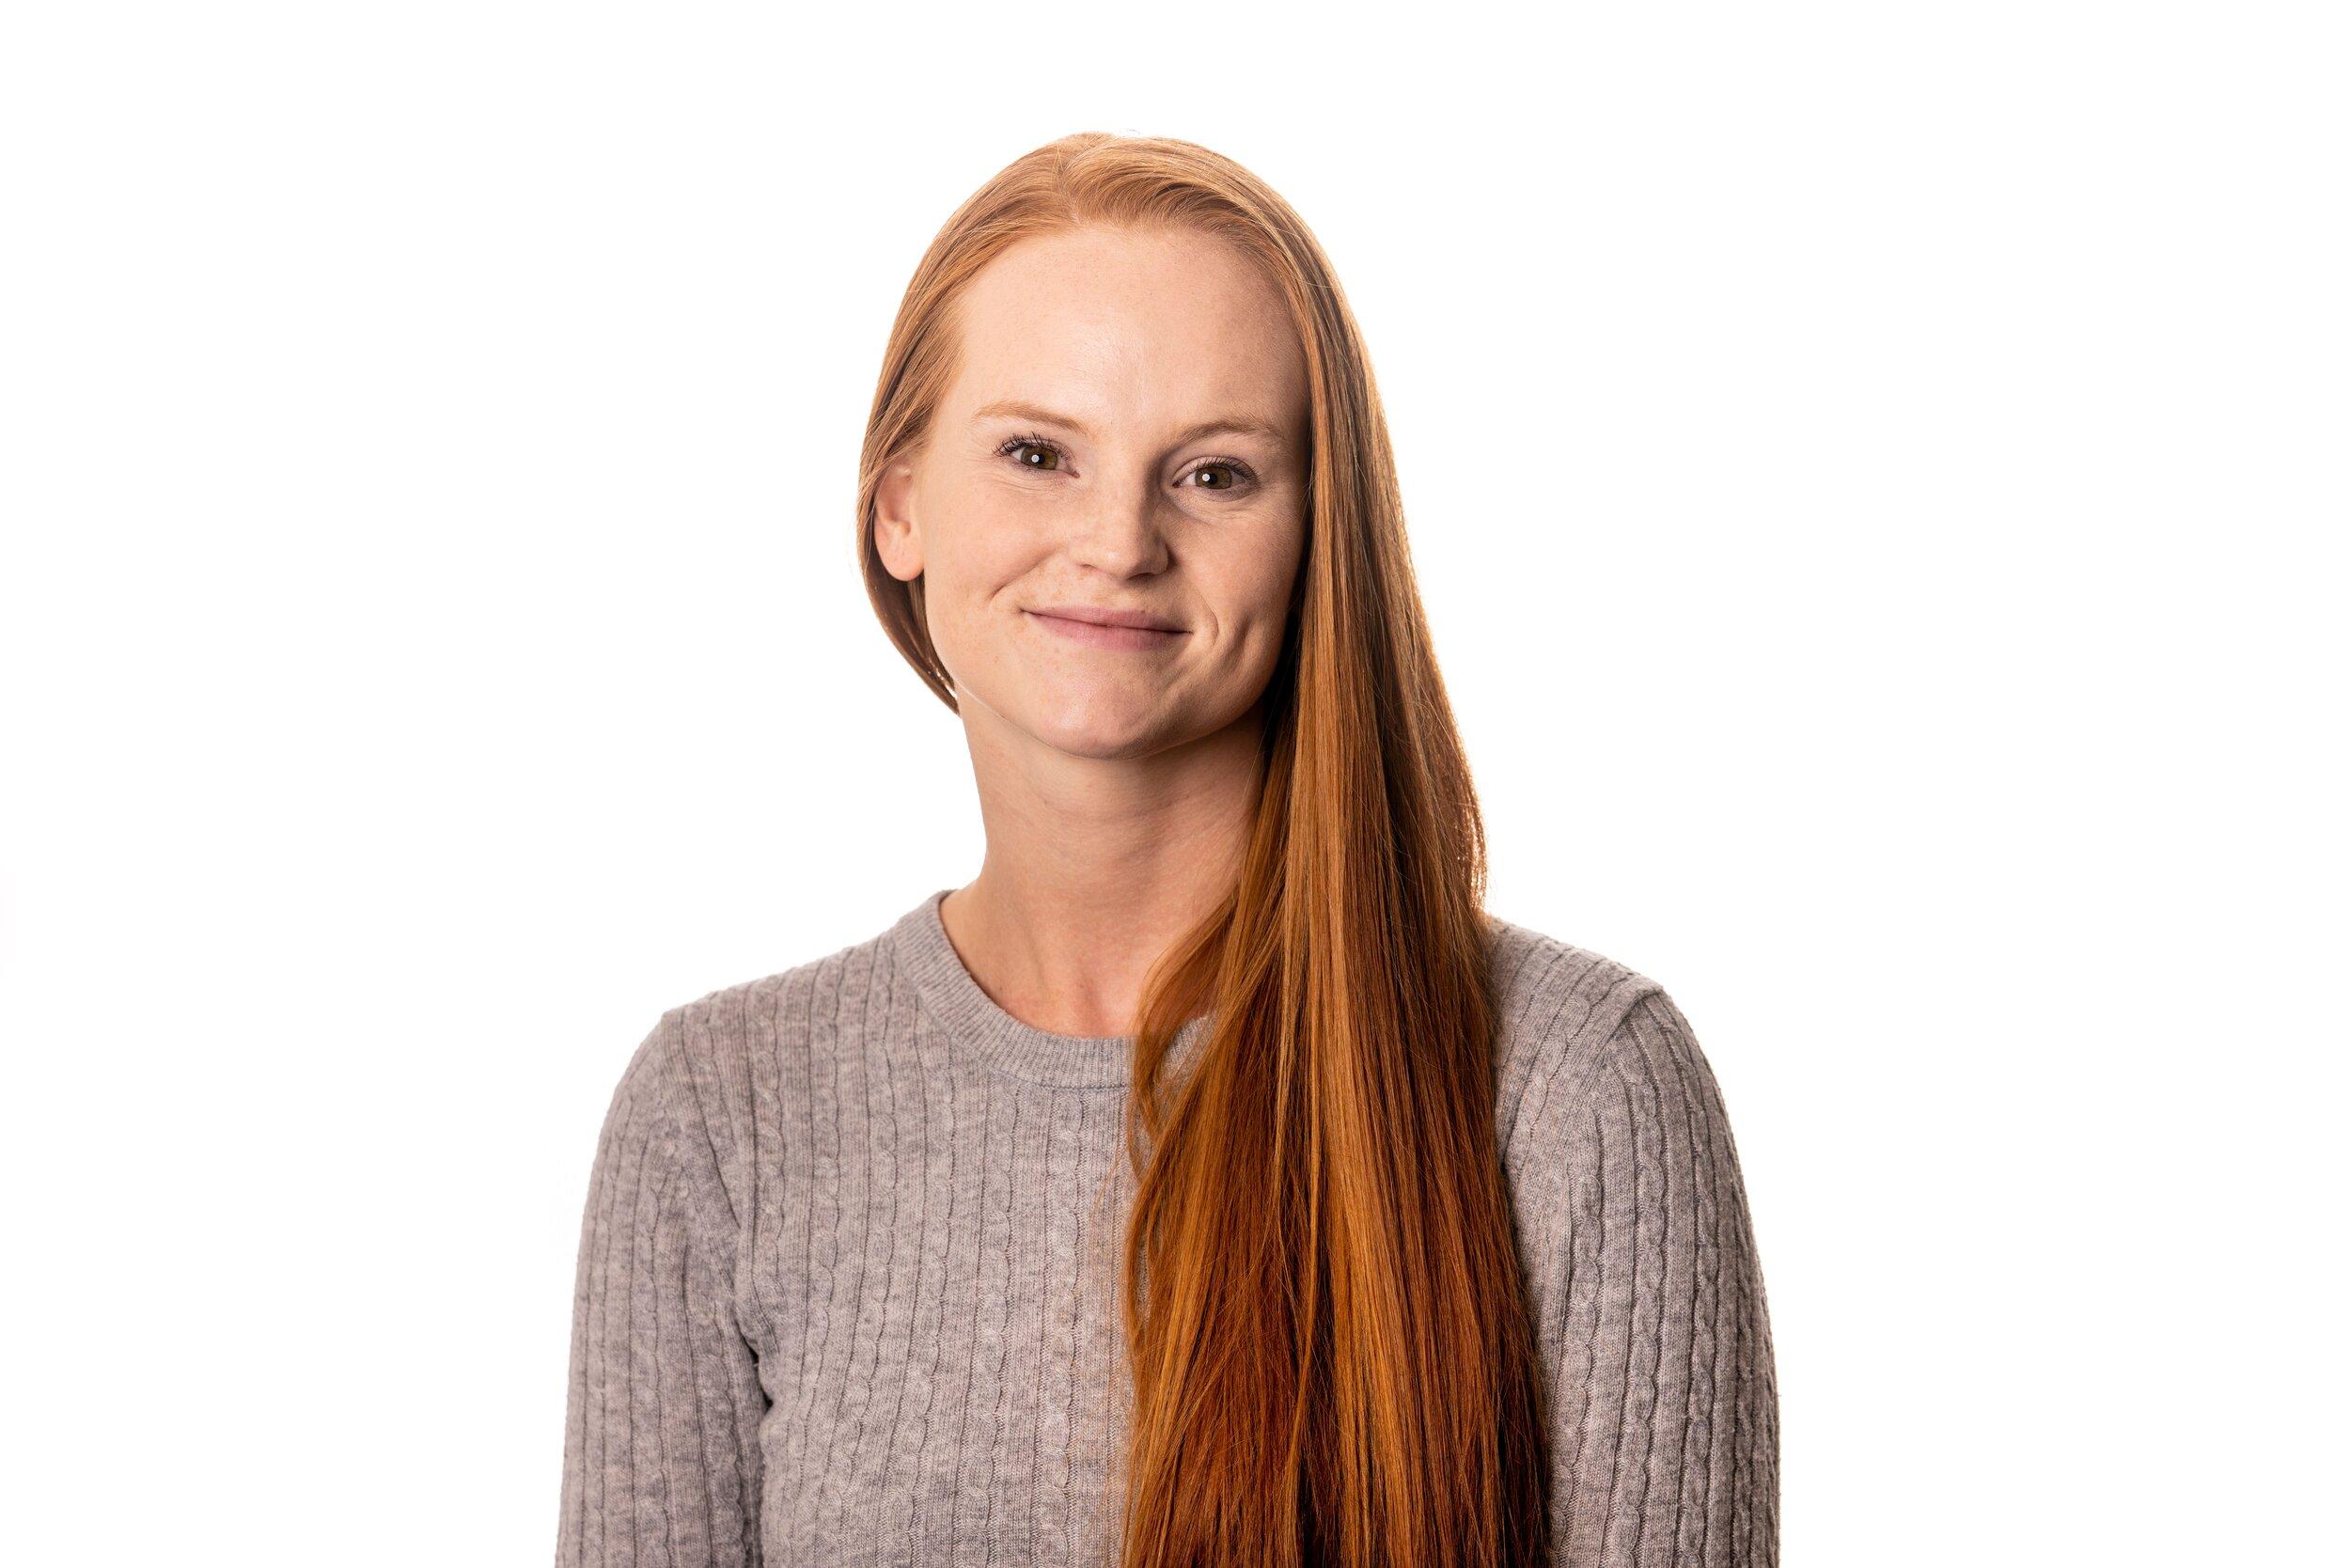 OM FORFATTEREN - Cathrine ThomMarkedskonsulent